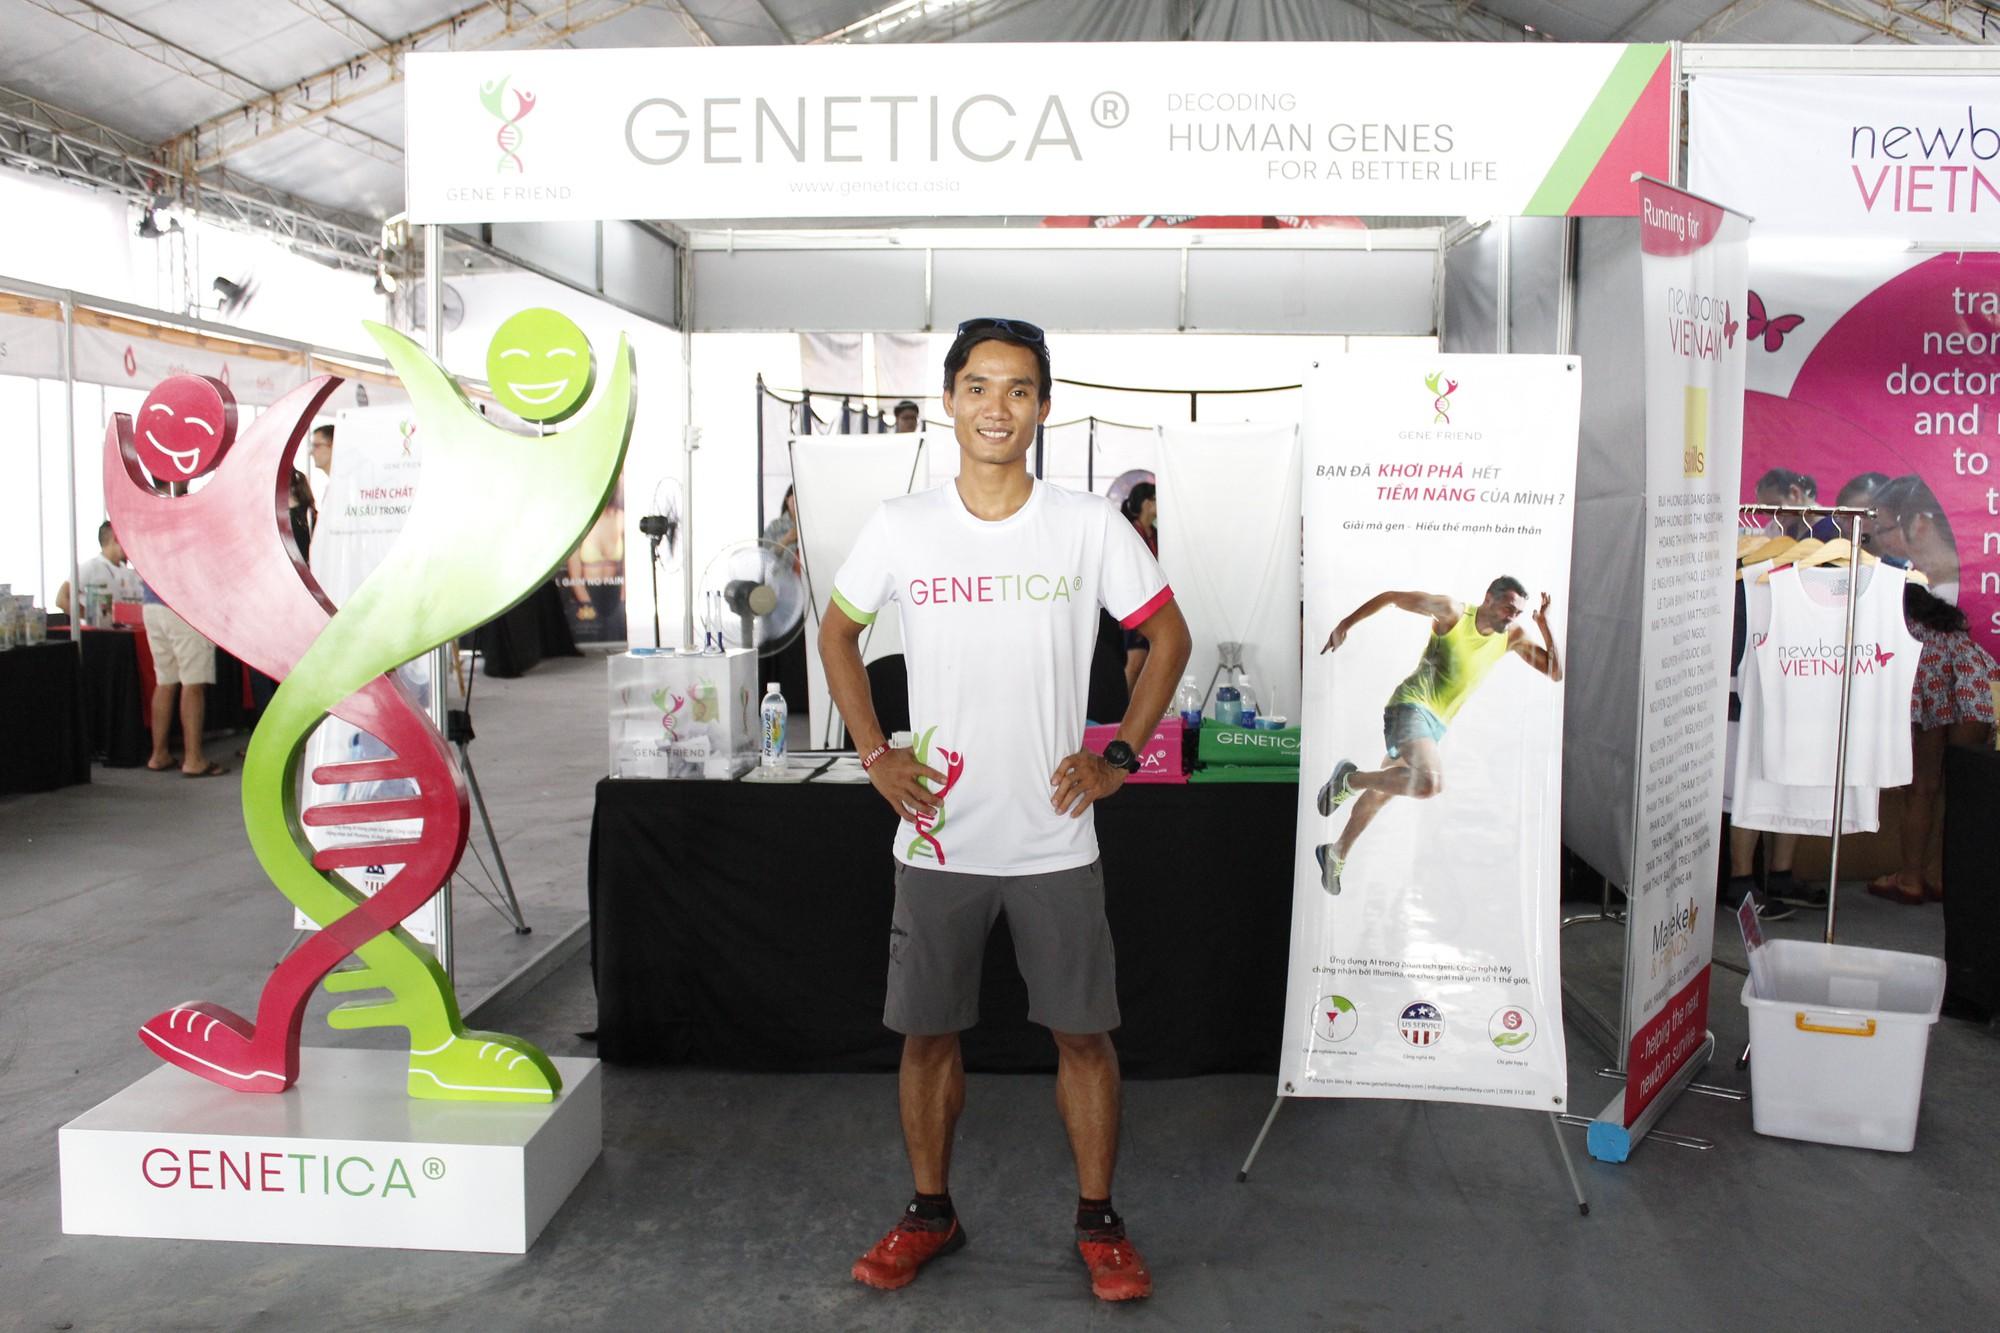 Hàng ngàn VĐV hào hứng đến nhận bib marathon quốc tế Techcombank - Ảnh 7.